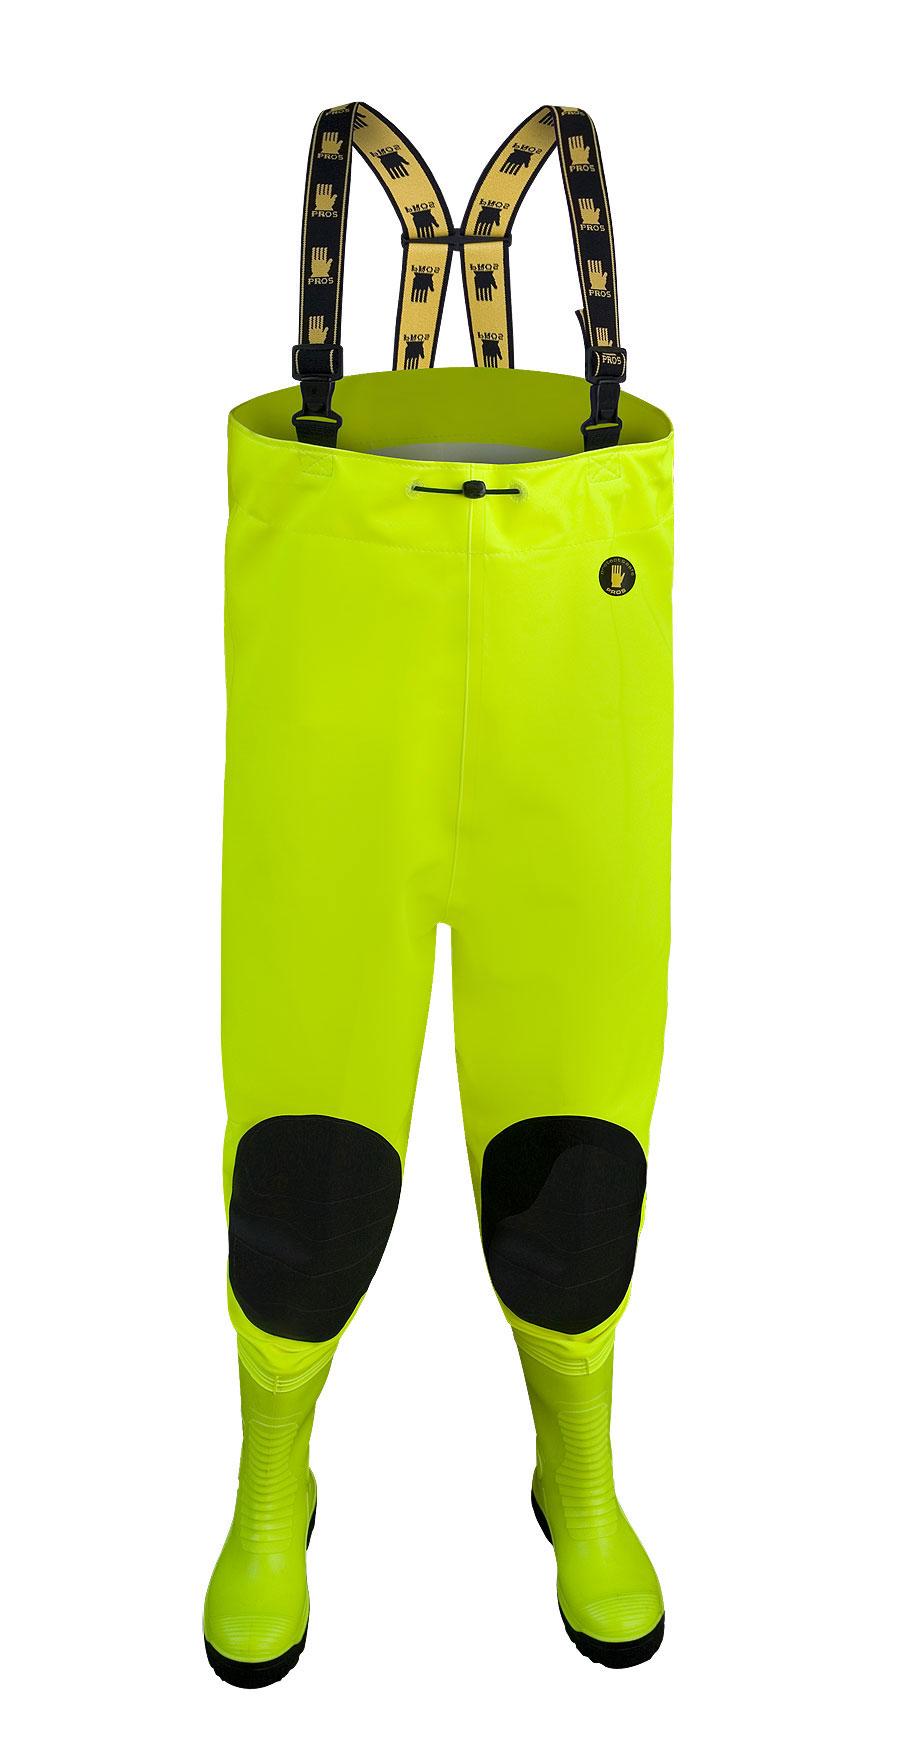 Brodící kalhoty MAX Fluo žluté vel.44    SBM01 Fluo žl.  PROS